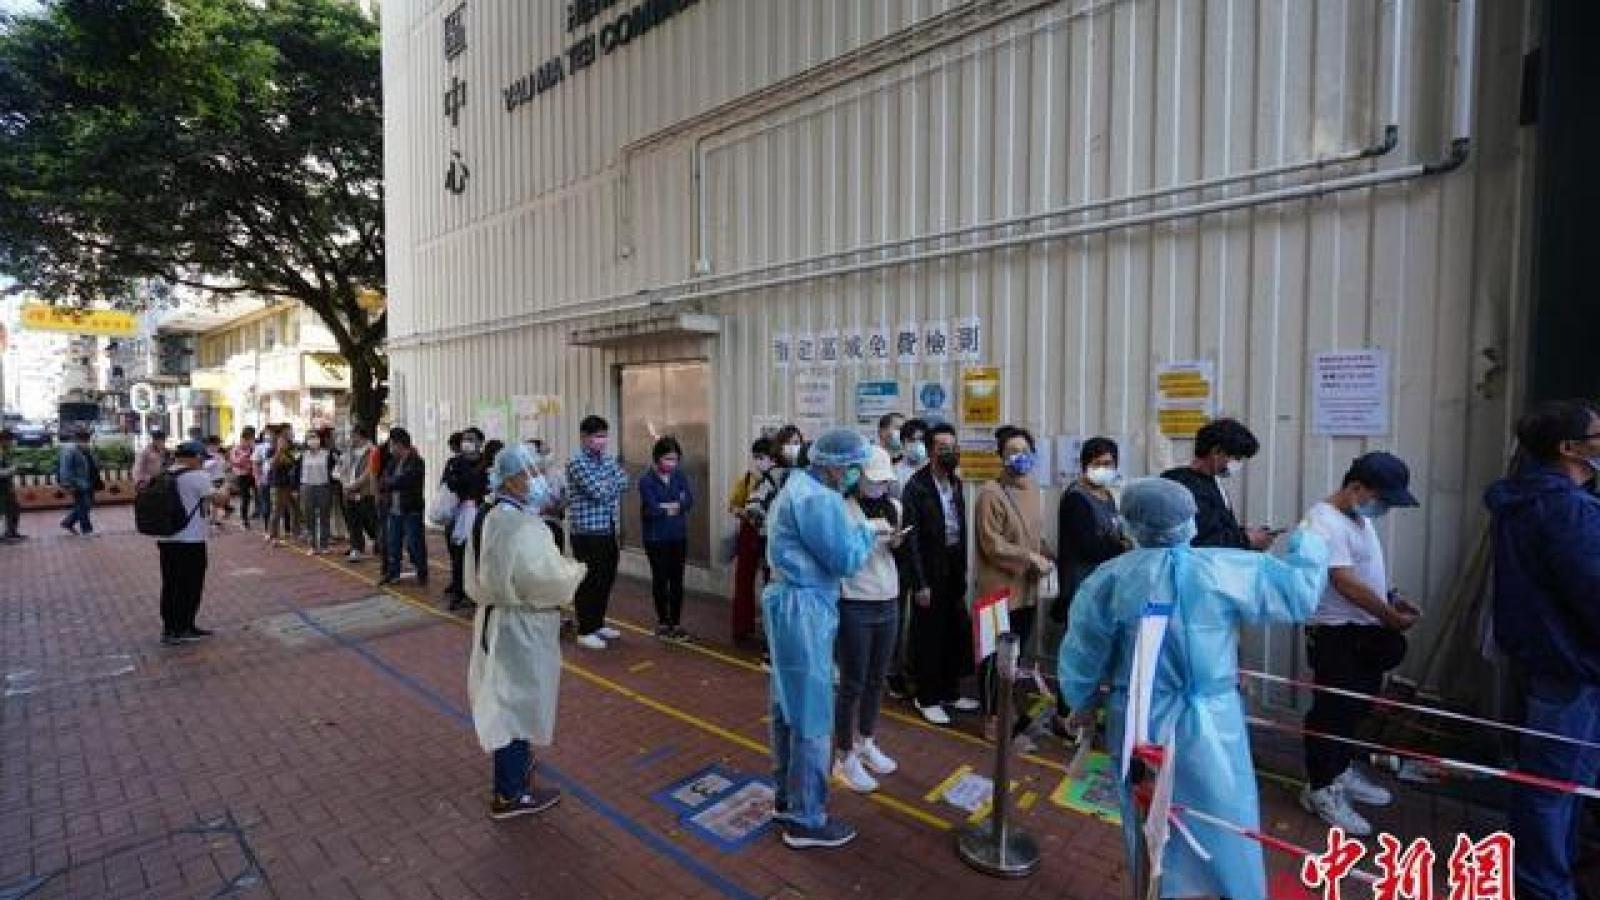 Hong Kong (Trung Quốc) nới lỏng giãn cách xã hội, chuẩn bị tiêm vaccine Covid-19